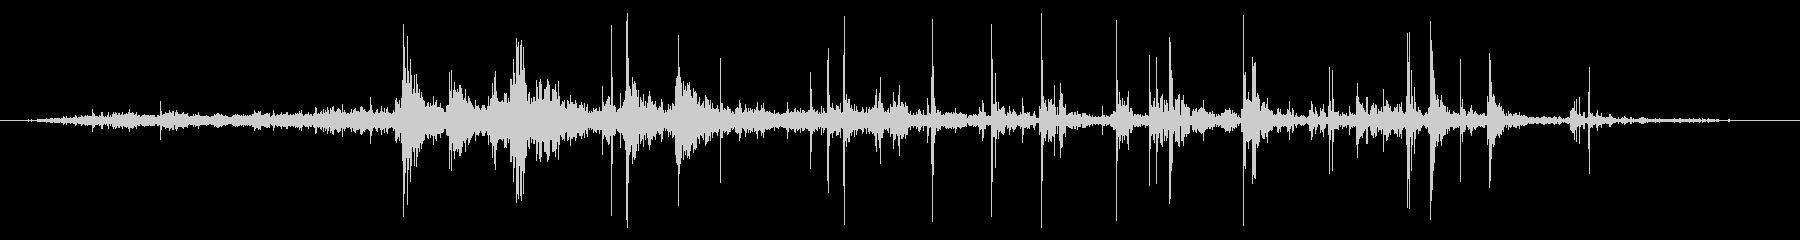 スモールロックス:タンブルダウンヒルの未再生の波形